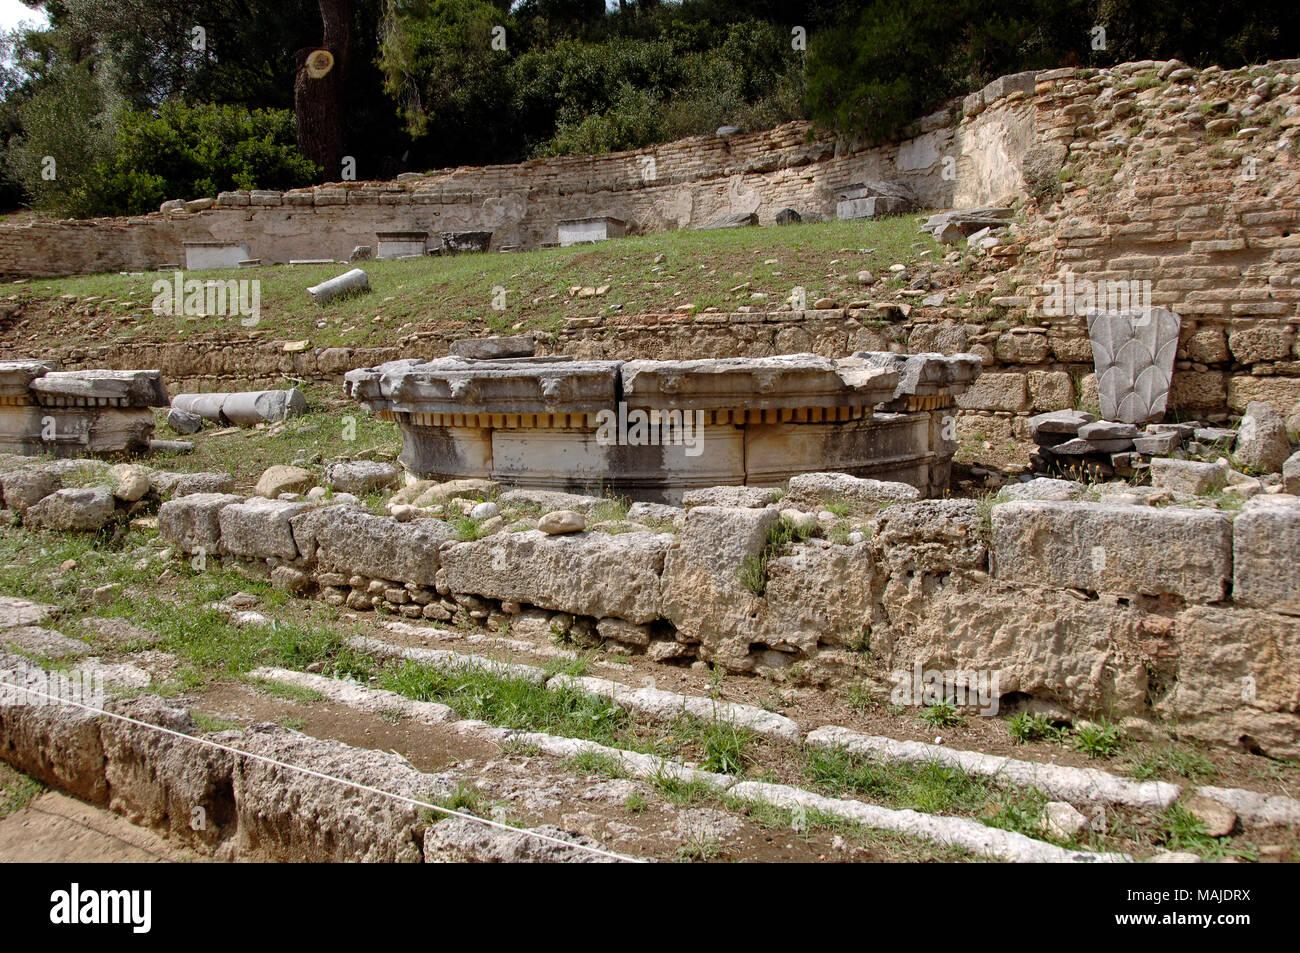 La Grecia. Olympia. Ninfeo di Herodes Atticus.ca.160 annuncio. Periodo romano. Vista di rovine. Elis regione Peloponneso. Immagini Stock